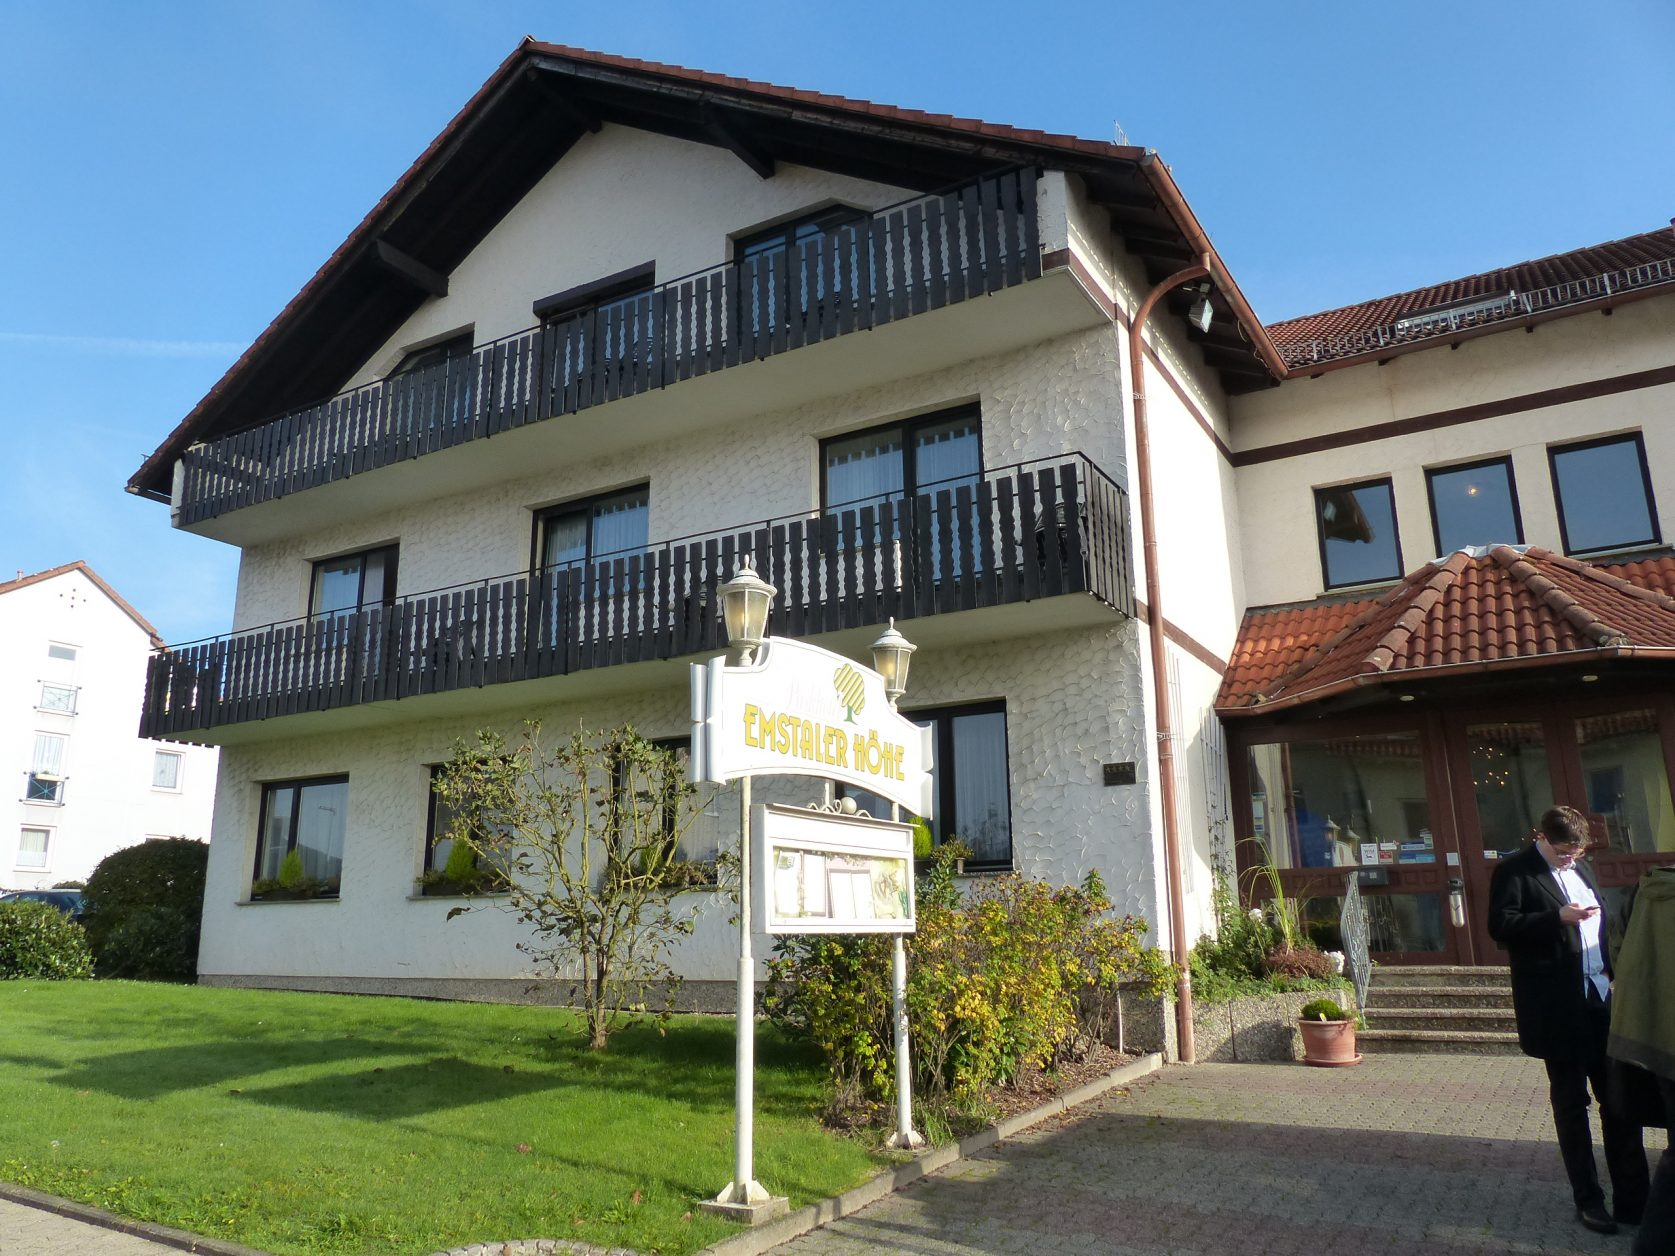 Parkhotel Emstaler Höhe, Foto: D.Weirauch